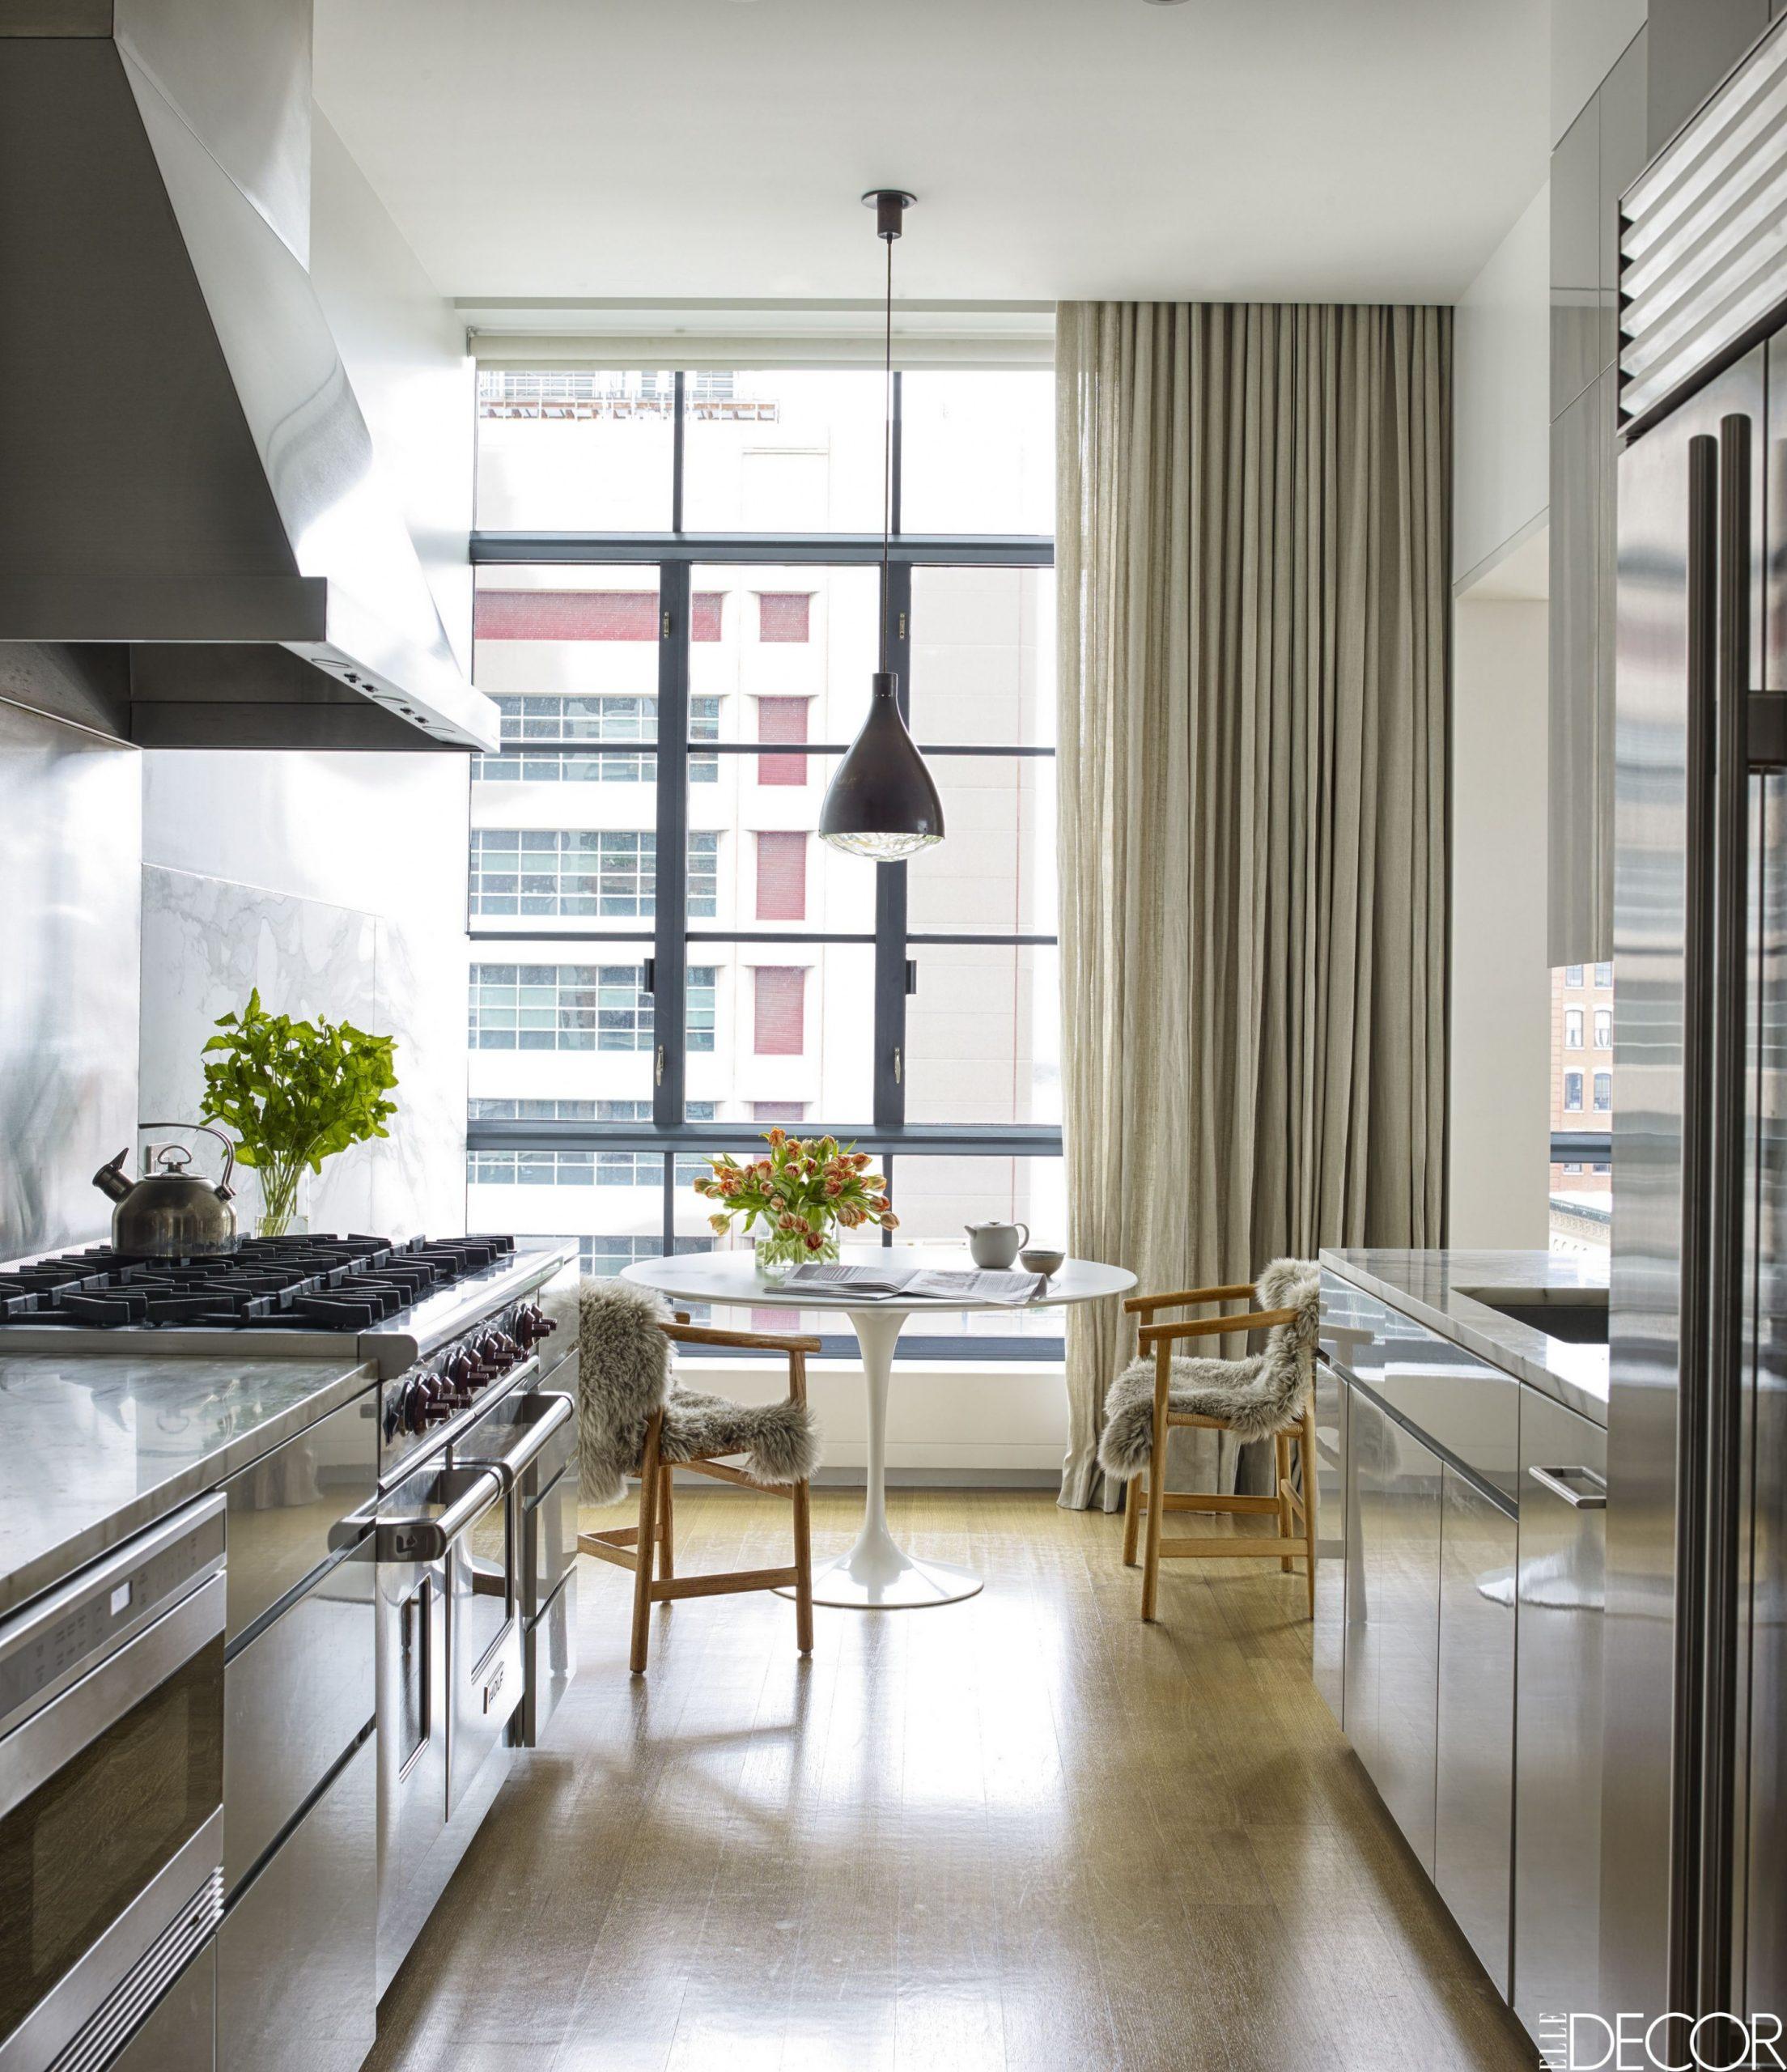 12 Creative Small Kitchen Ideas - Brilliant Small Space Hacks - Apartment Kitchen Design Ideas